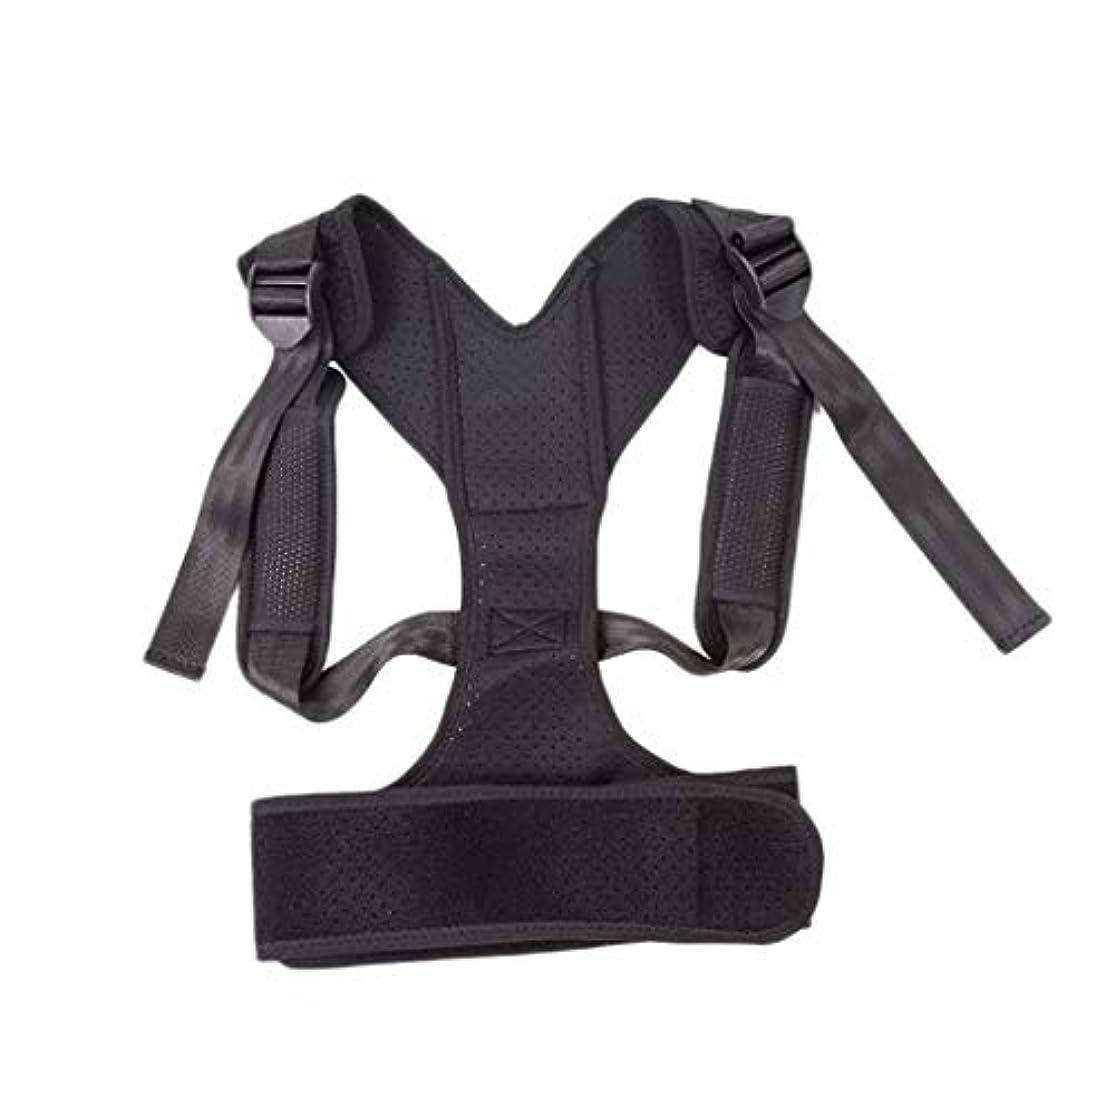 ピックマウンド根拠快適な背中のサポート 背部矯正ベルト固定サポートKyphosis矯正姿勢矯正器通気性座位調整黒 調整可能